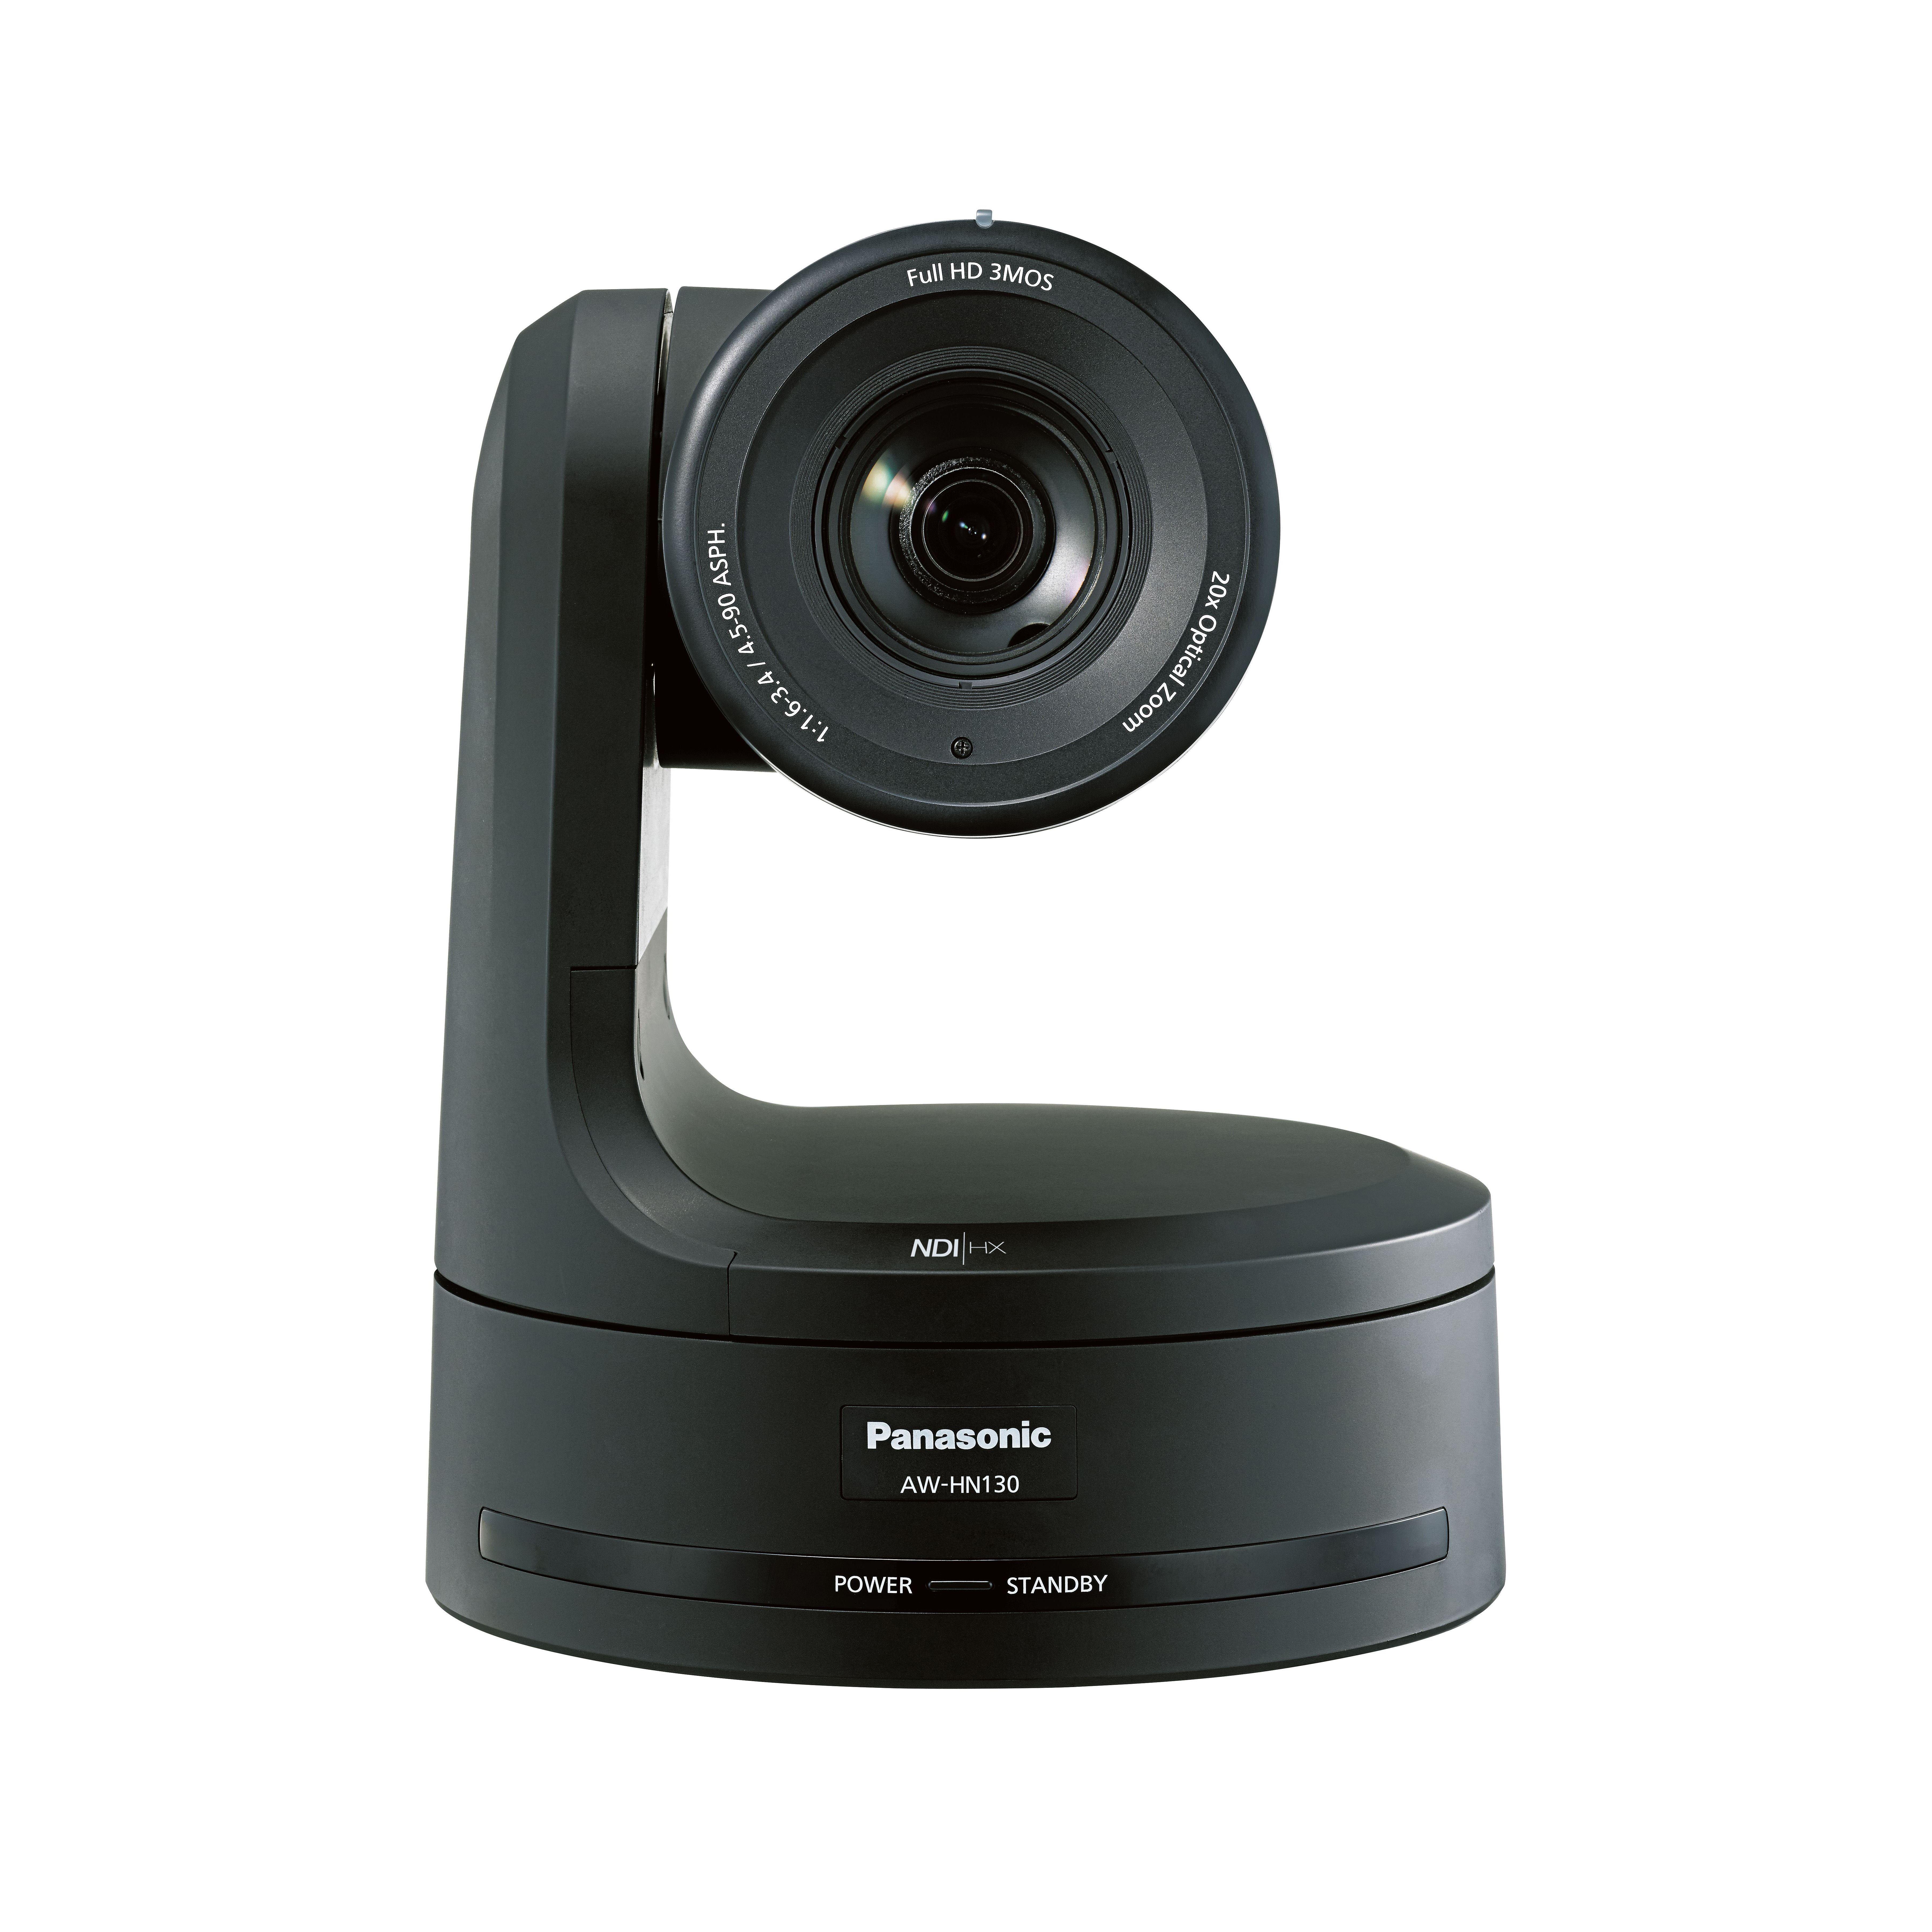 Image of Panasonic AW-HN130KEJ 1/3 HD Integrated Camera with NDI (Black)